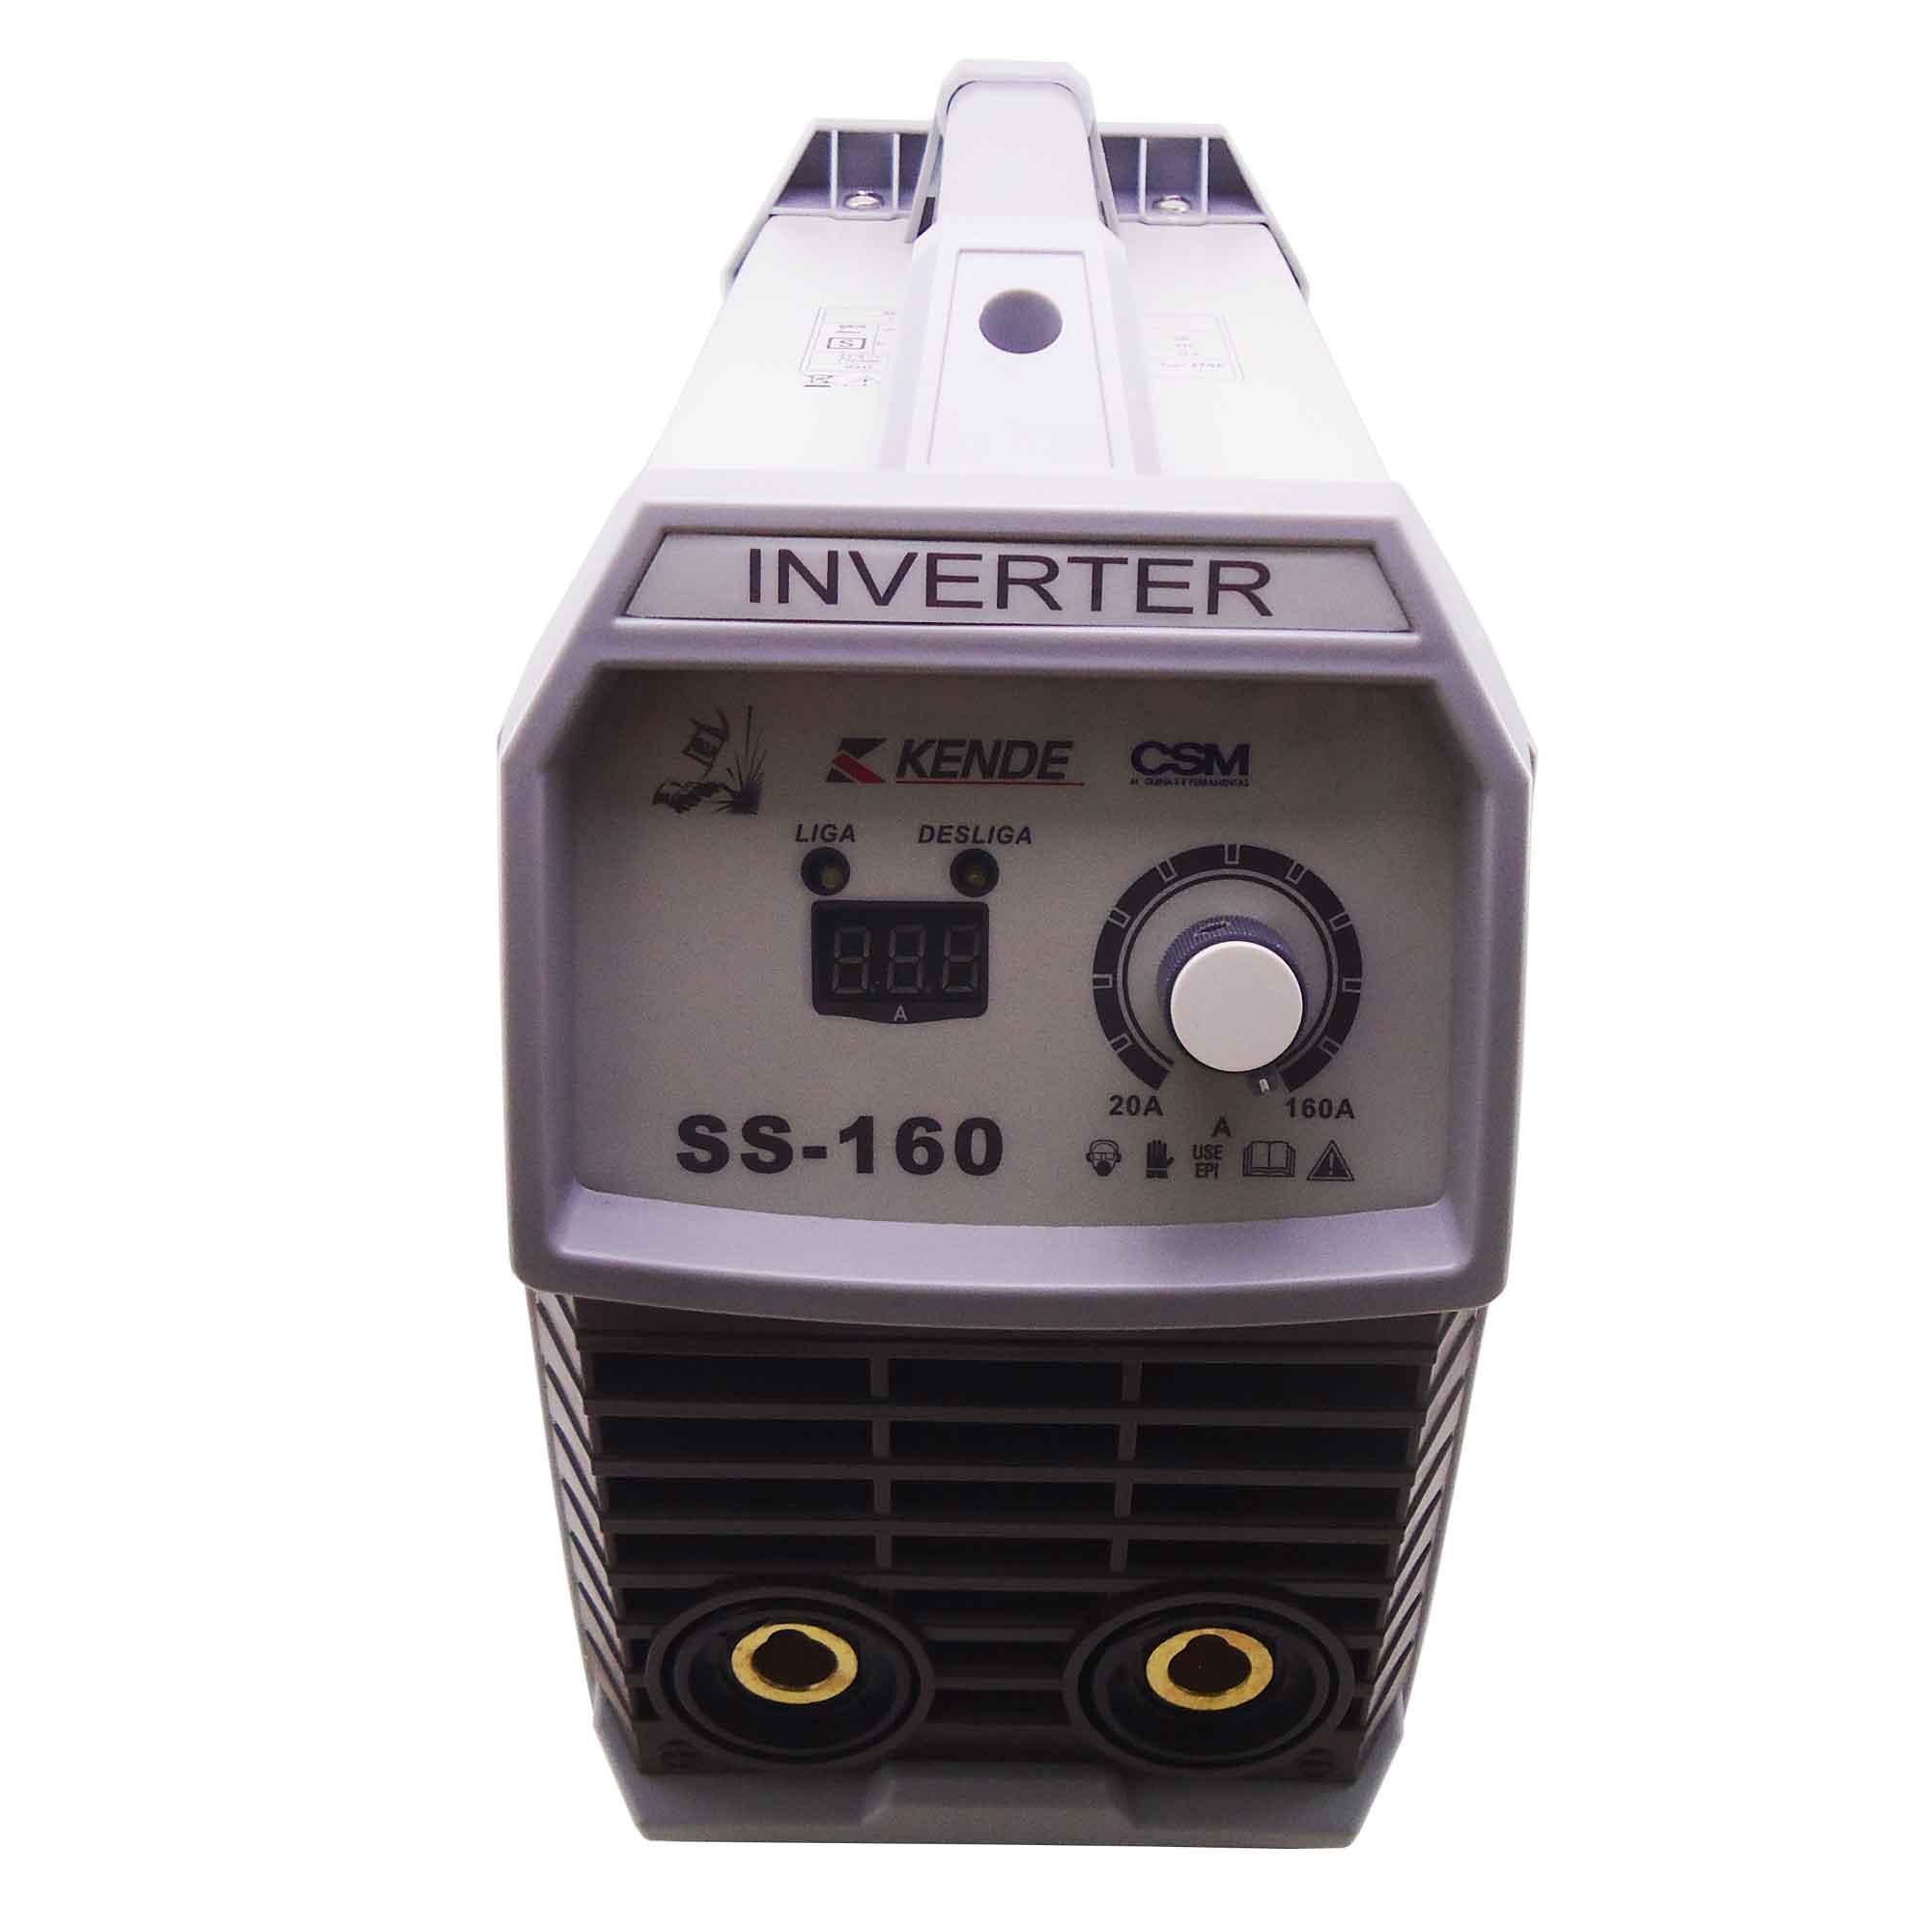 Maquina de Solda Inversora SS-160 Kende CSM 220V